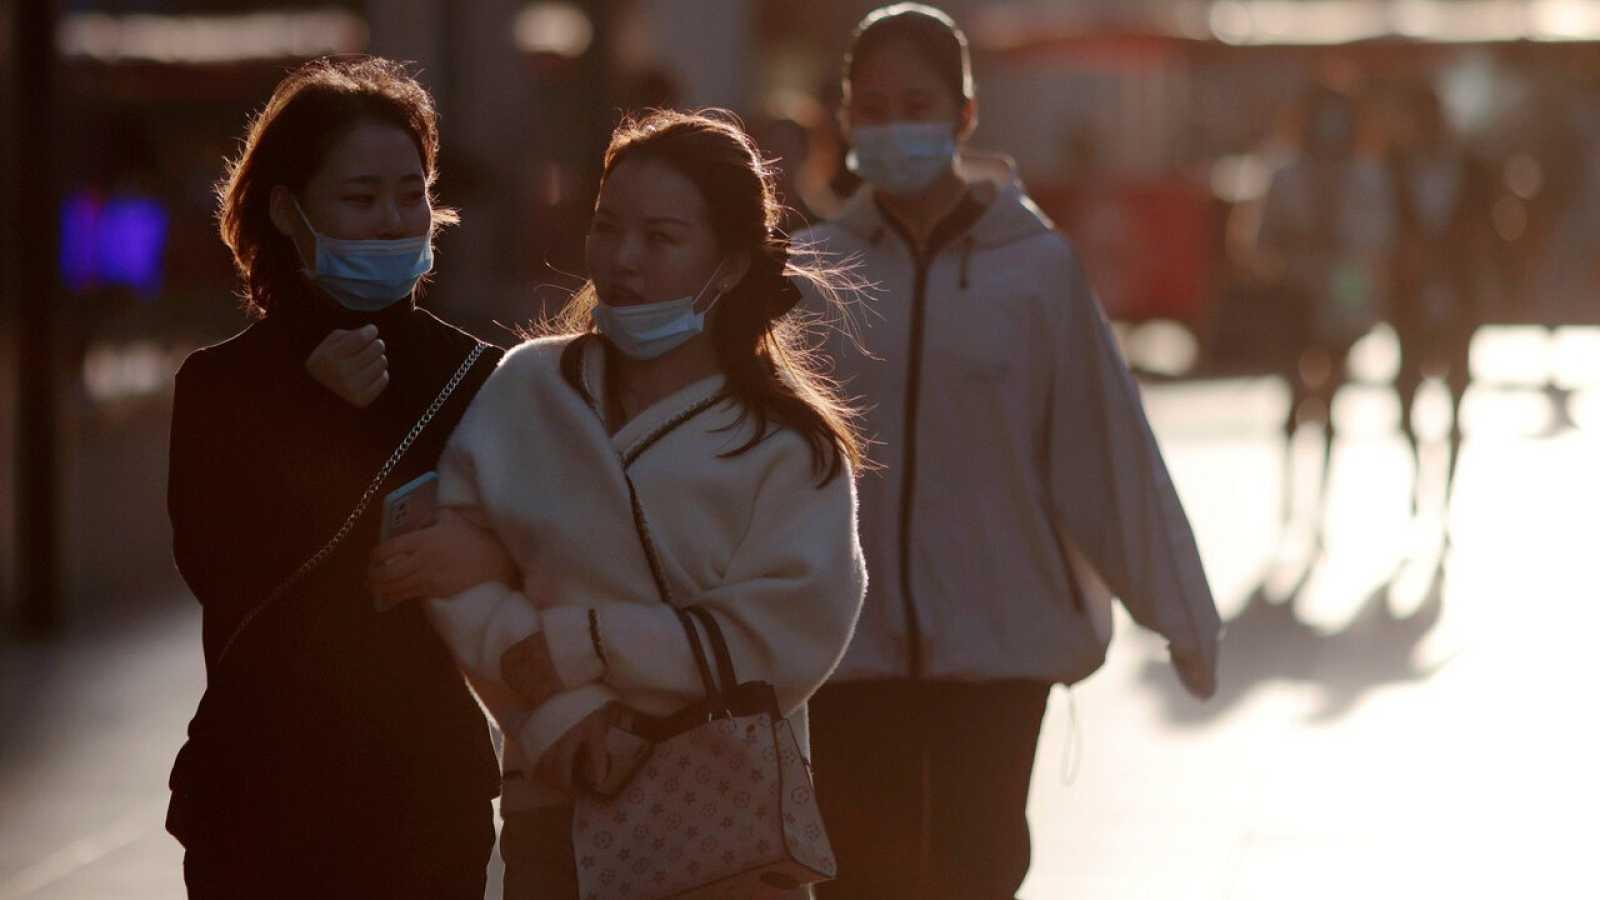 El asesinato de una bloguera por su marido vuelve a poner de manifiesto la violencia de género en China